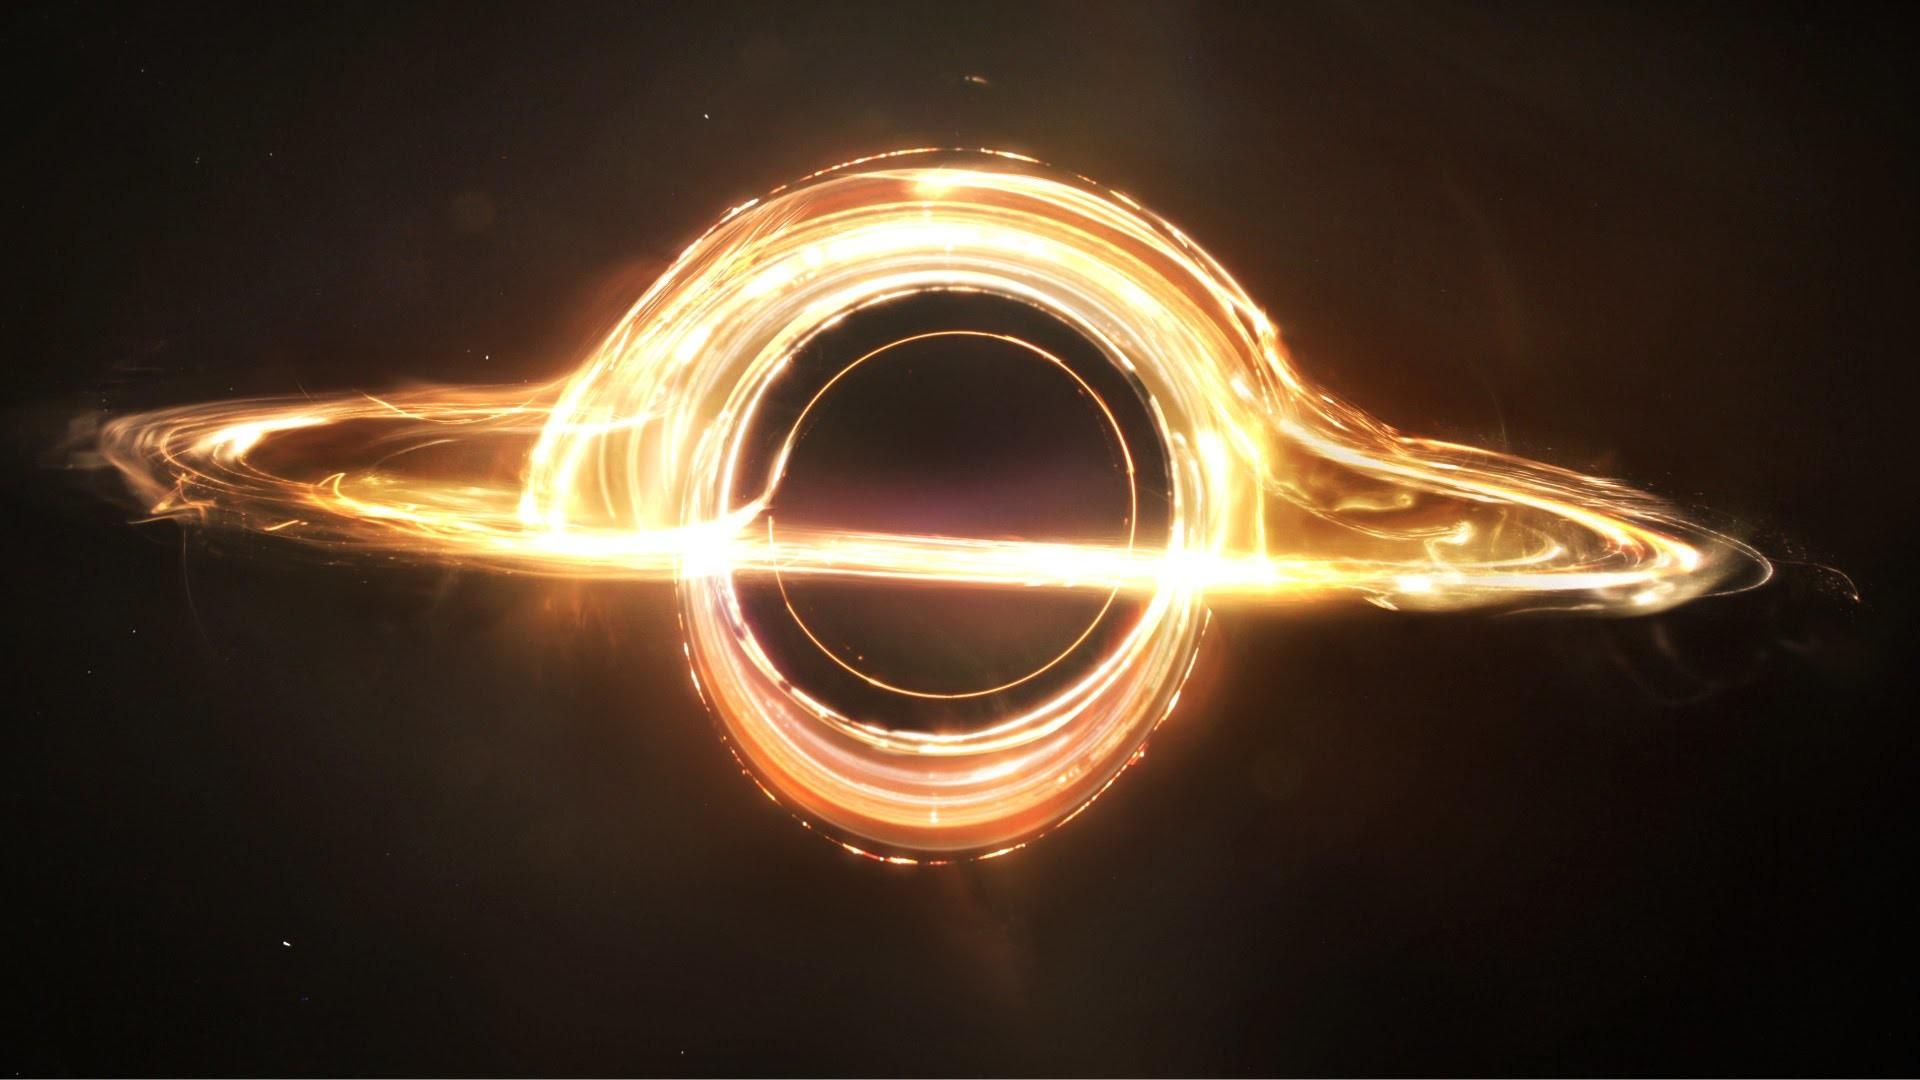 black hole background 56 images